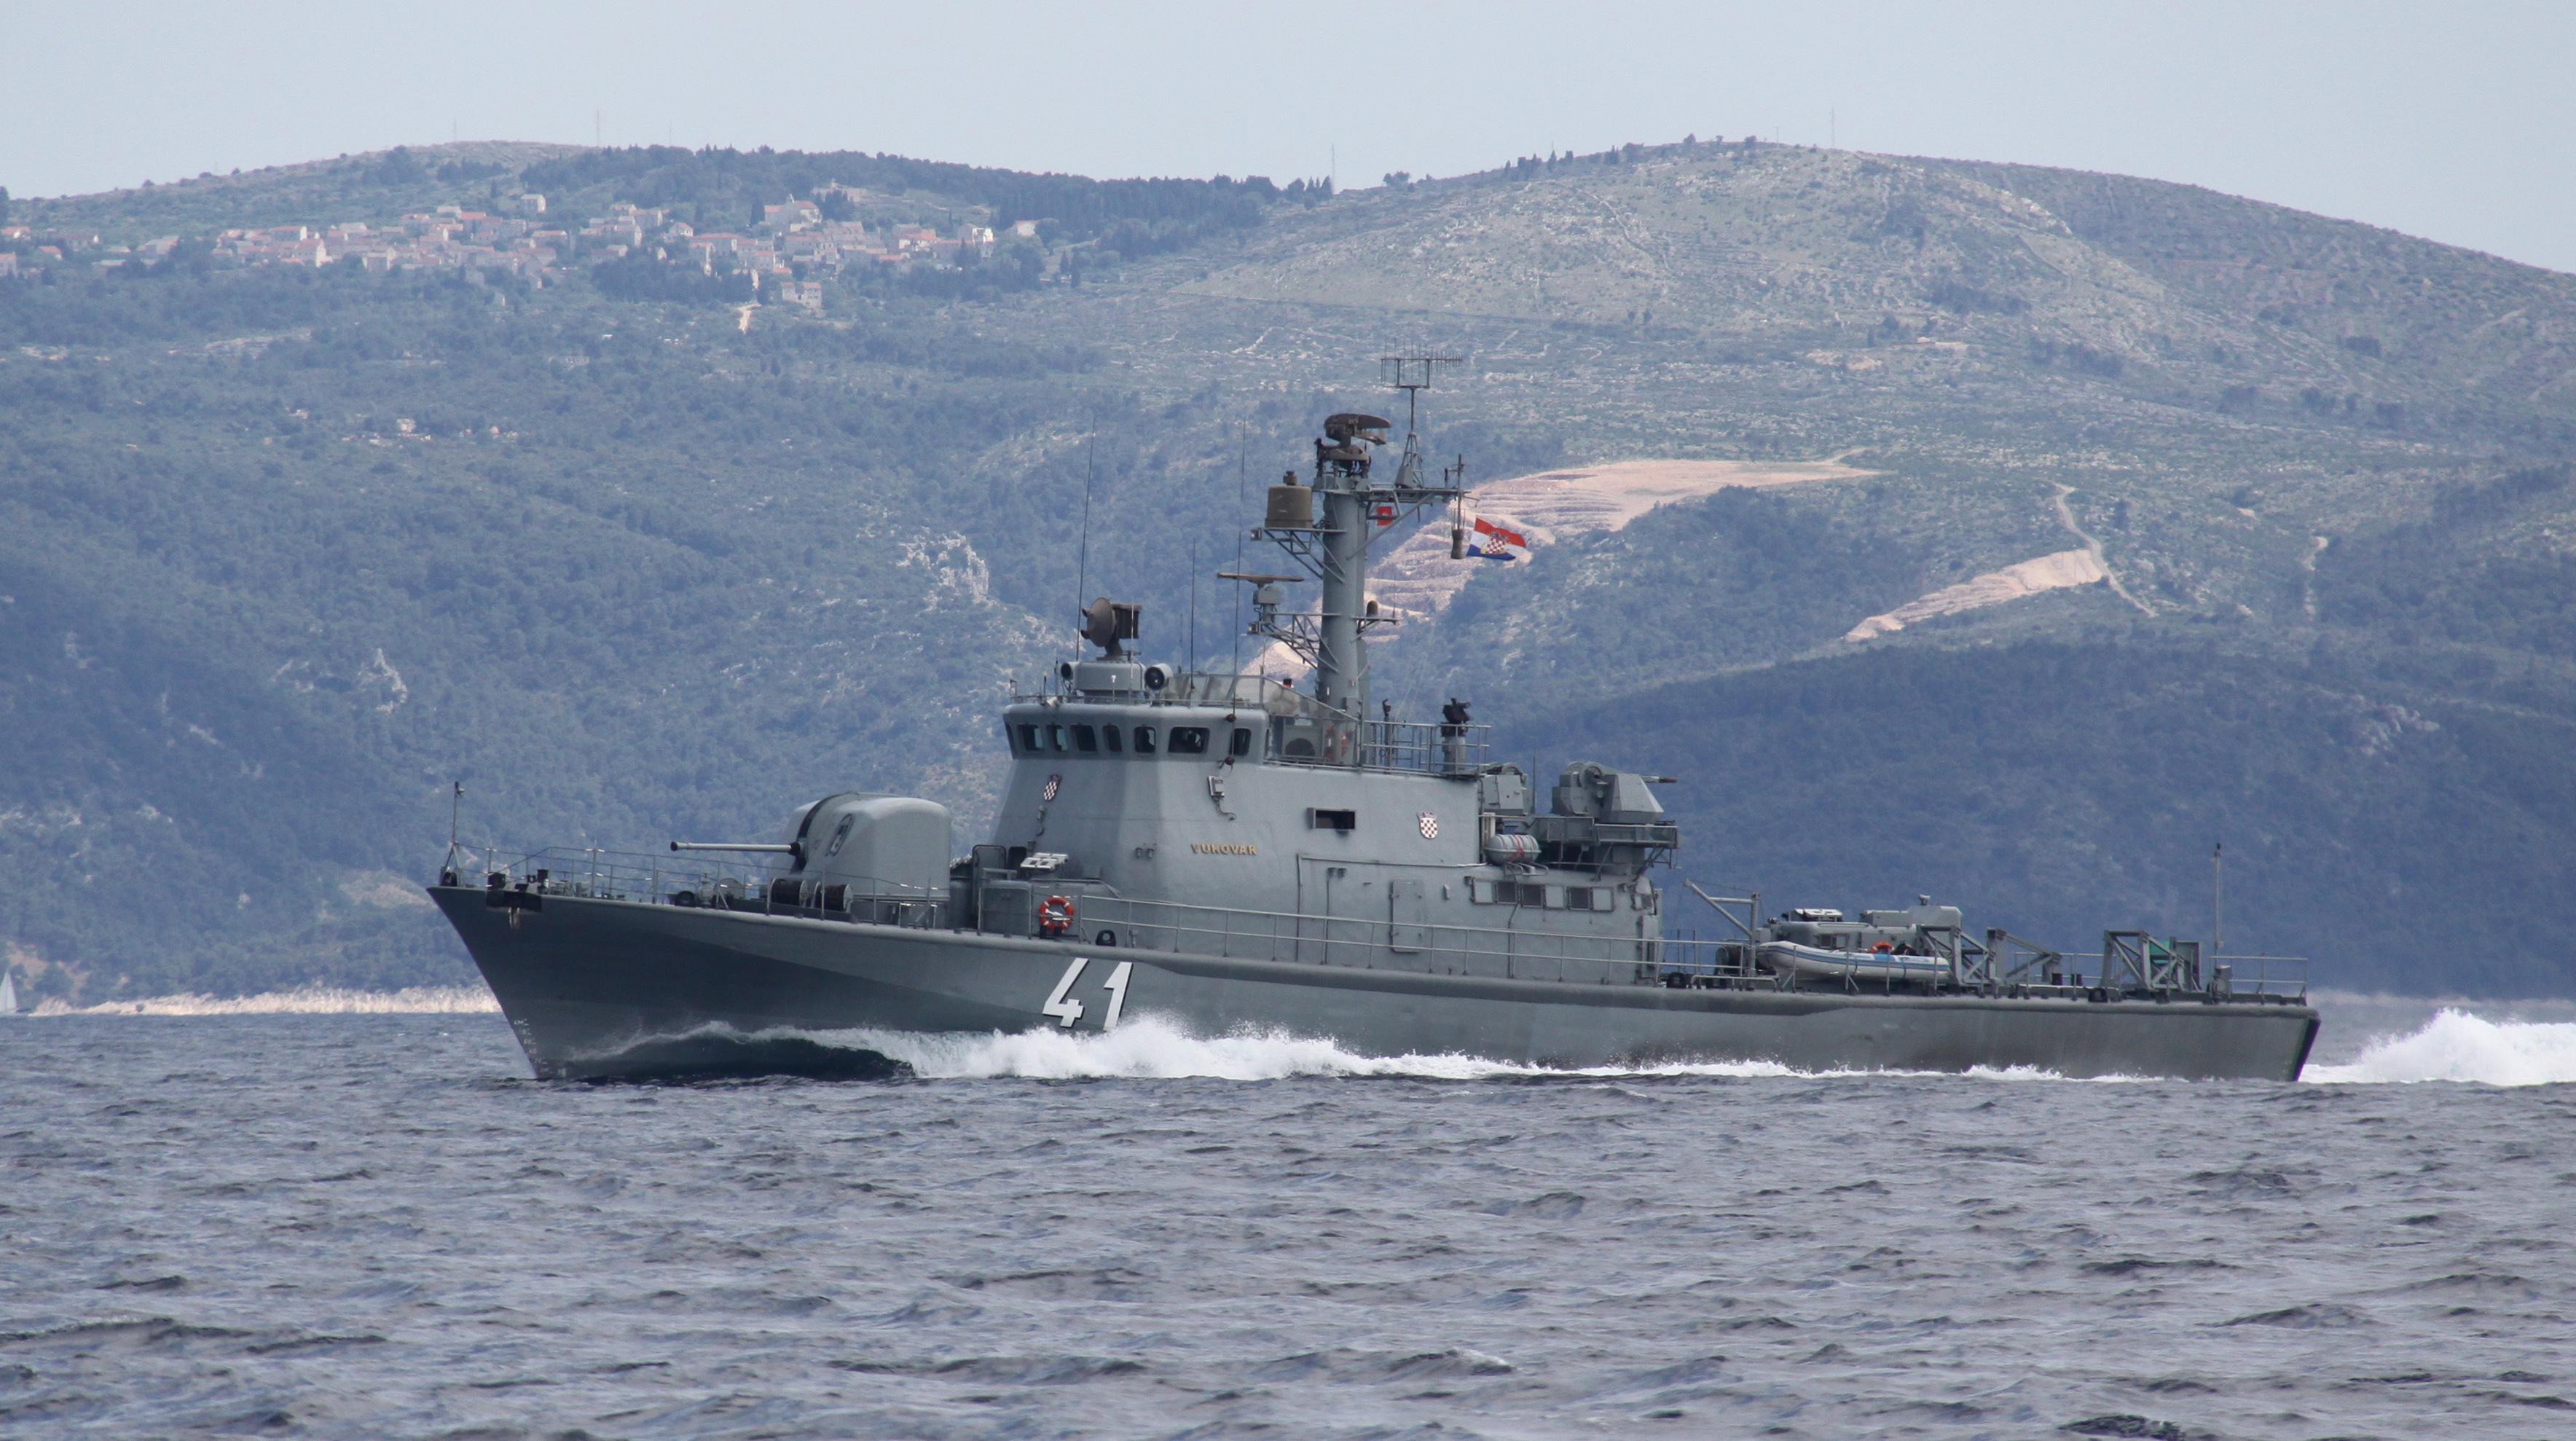 Forces Armées Croates /Croatian military /Oružane Snage Republike Hrvatske 1325778